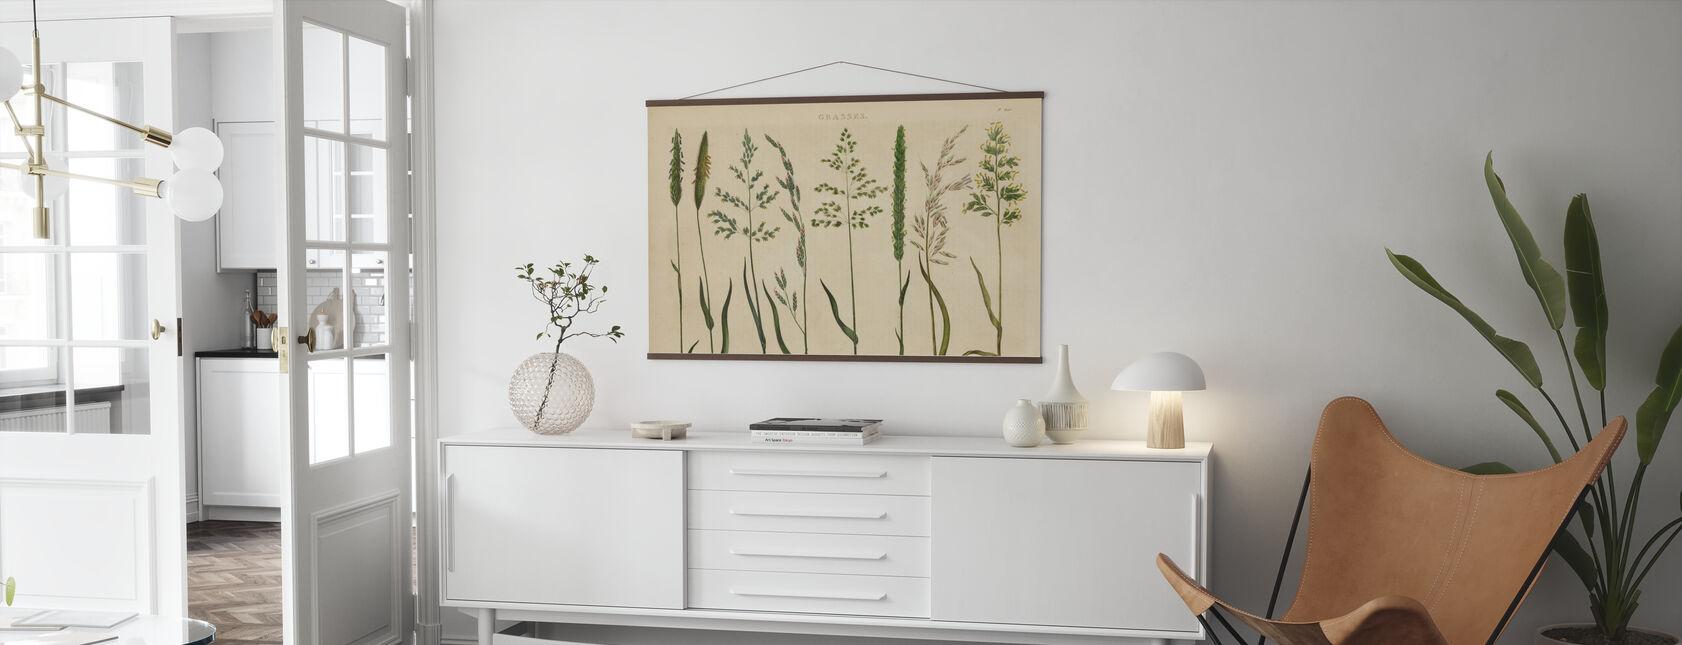 Växtbaserade Botaniska VII - Poster - Vardagsrum